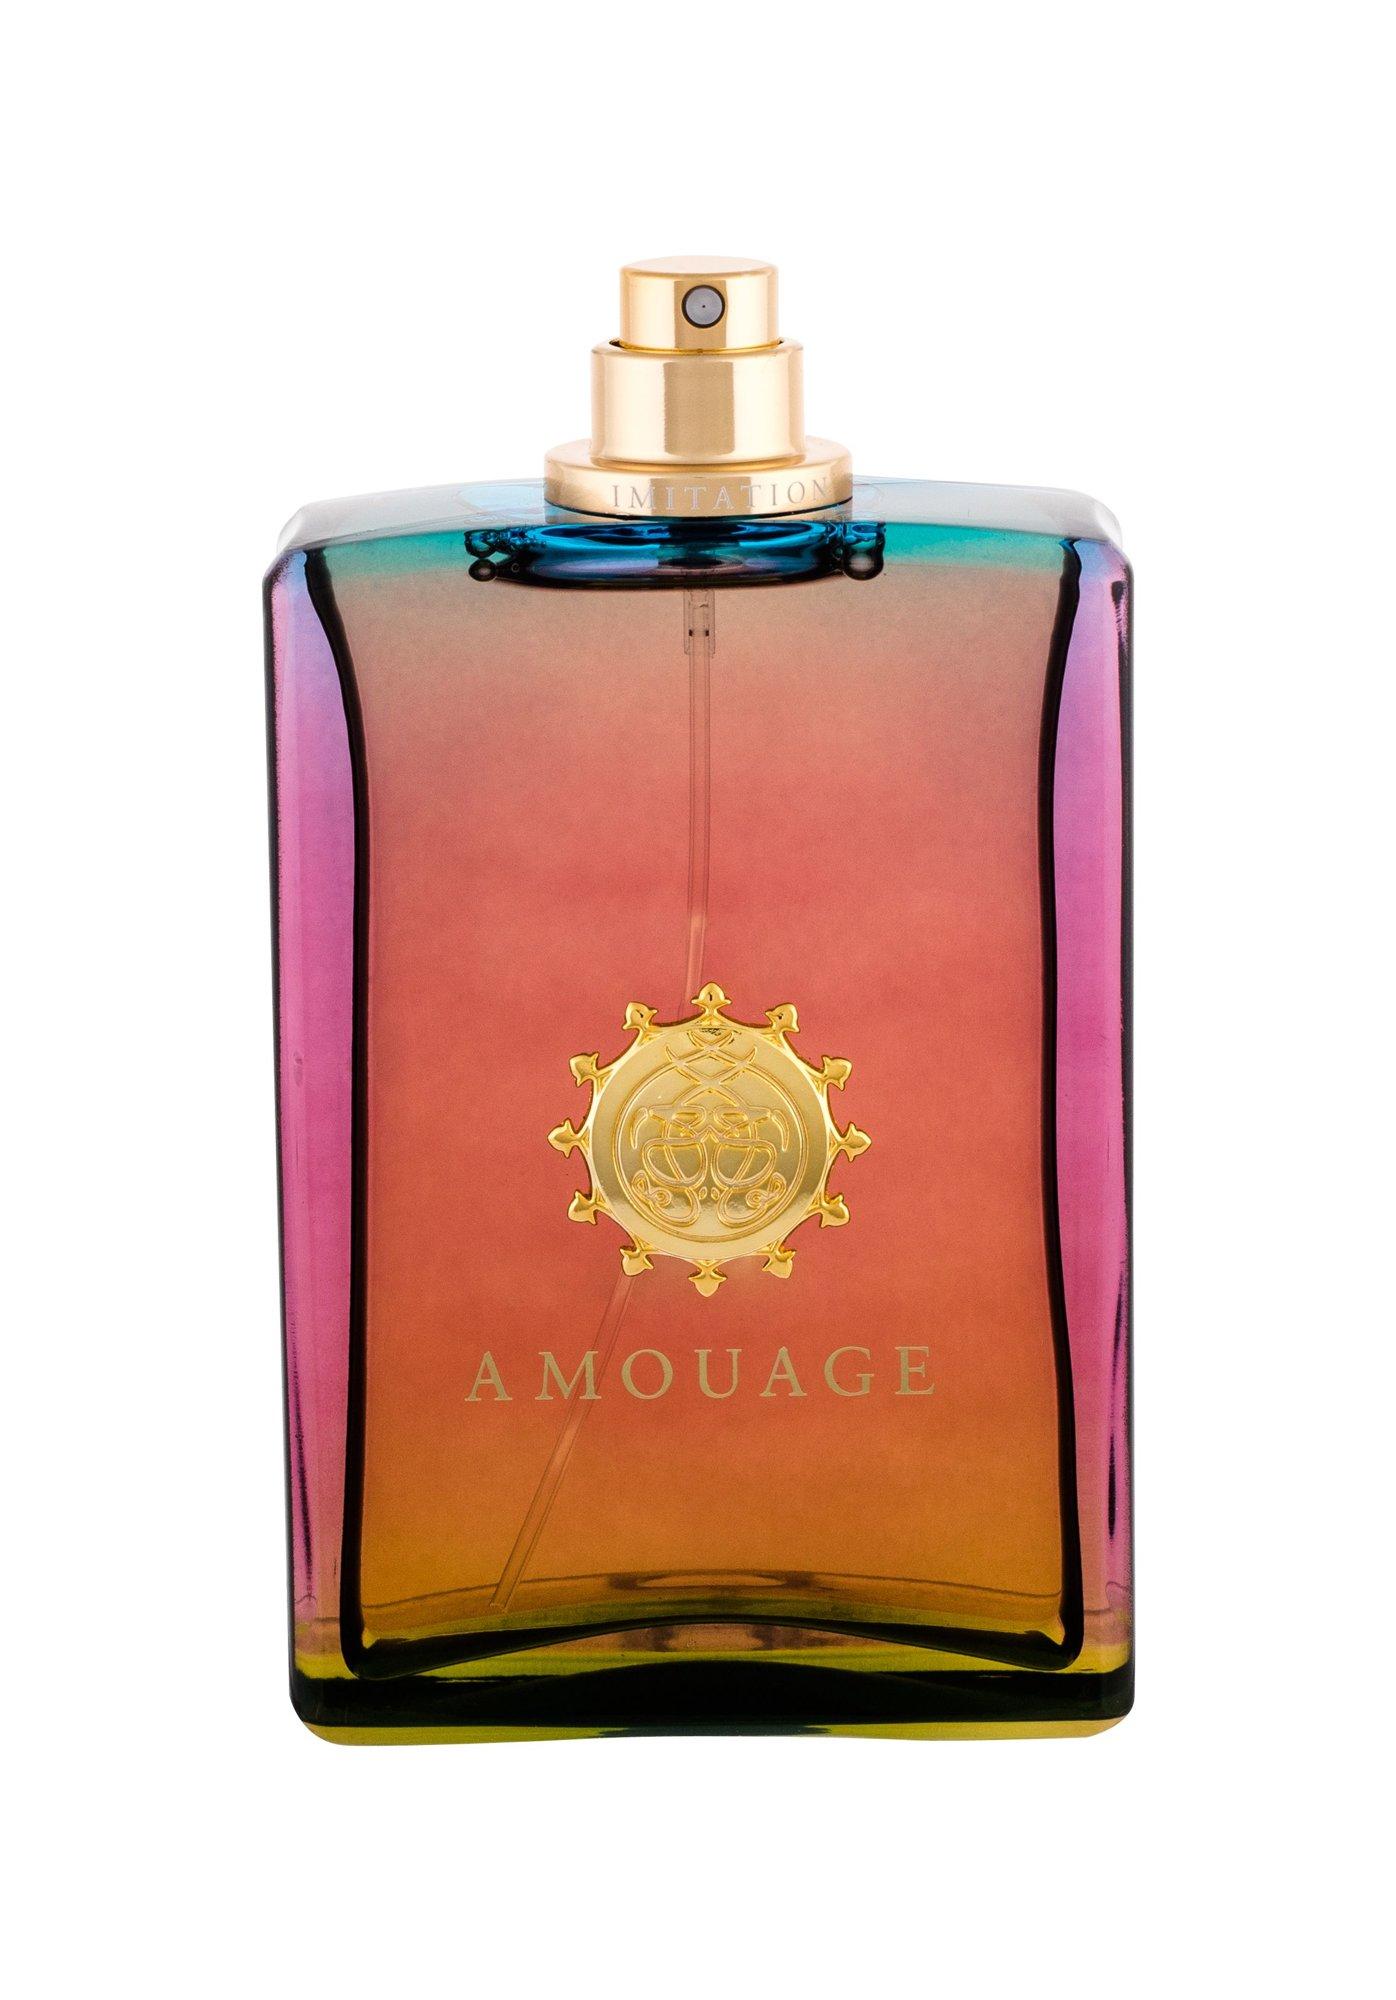 Amouage Imitation Eau de Parfum 100ml  For Men